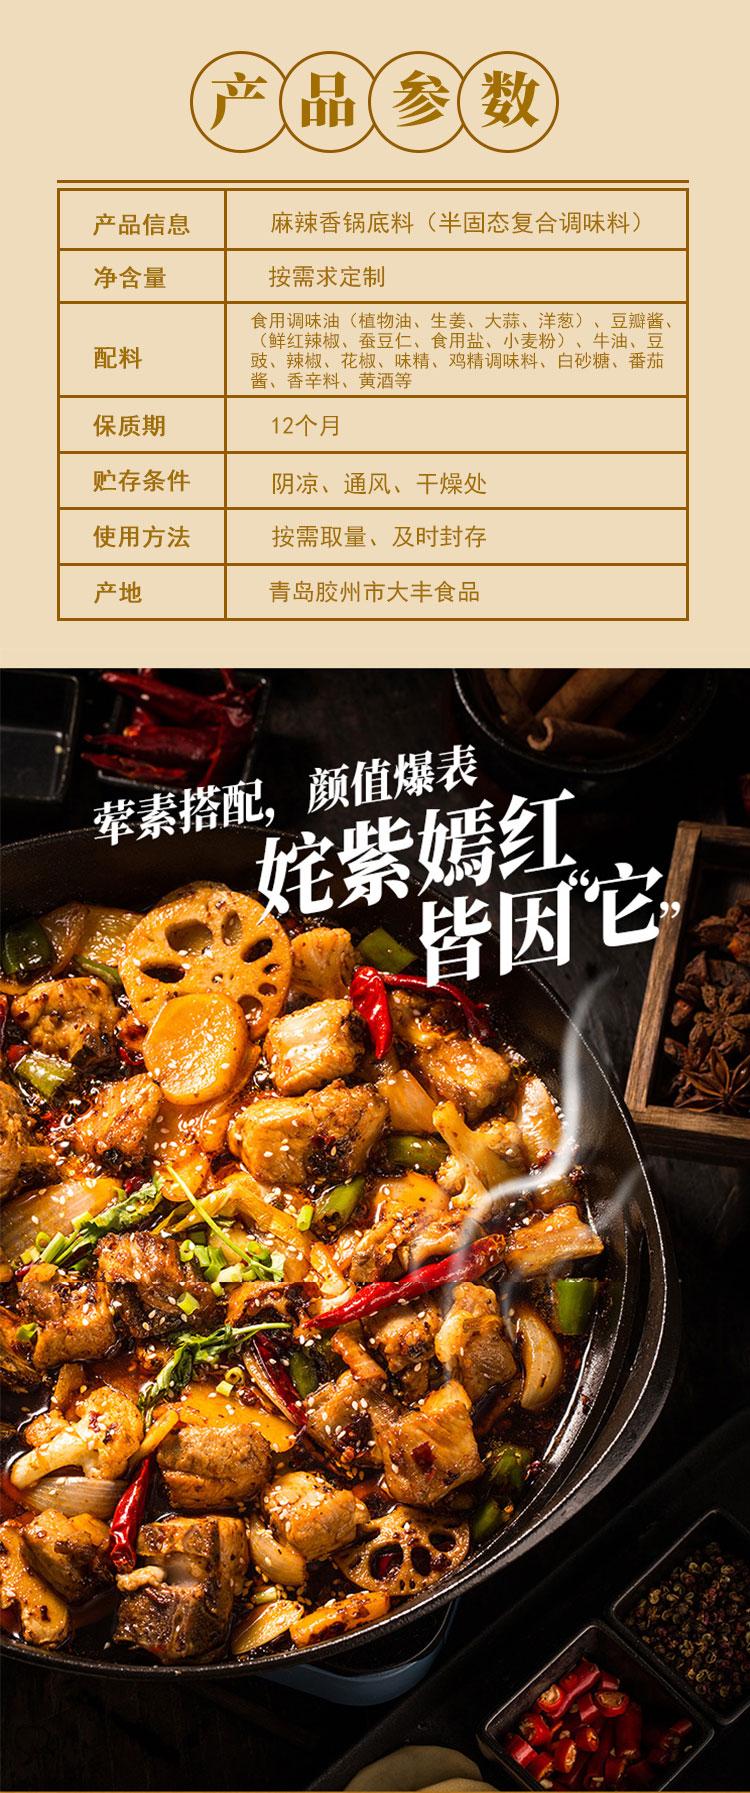 麻辣香锅调味料批发-青岛大丰食品_05